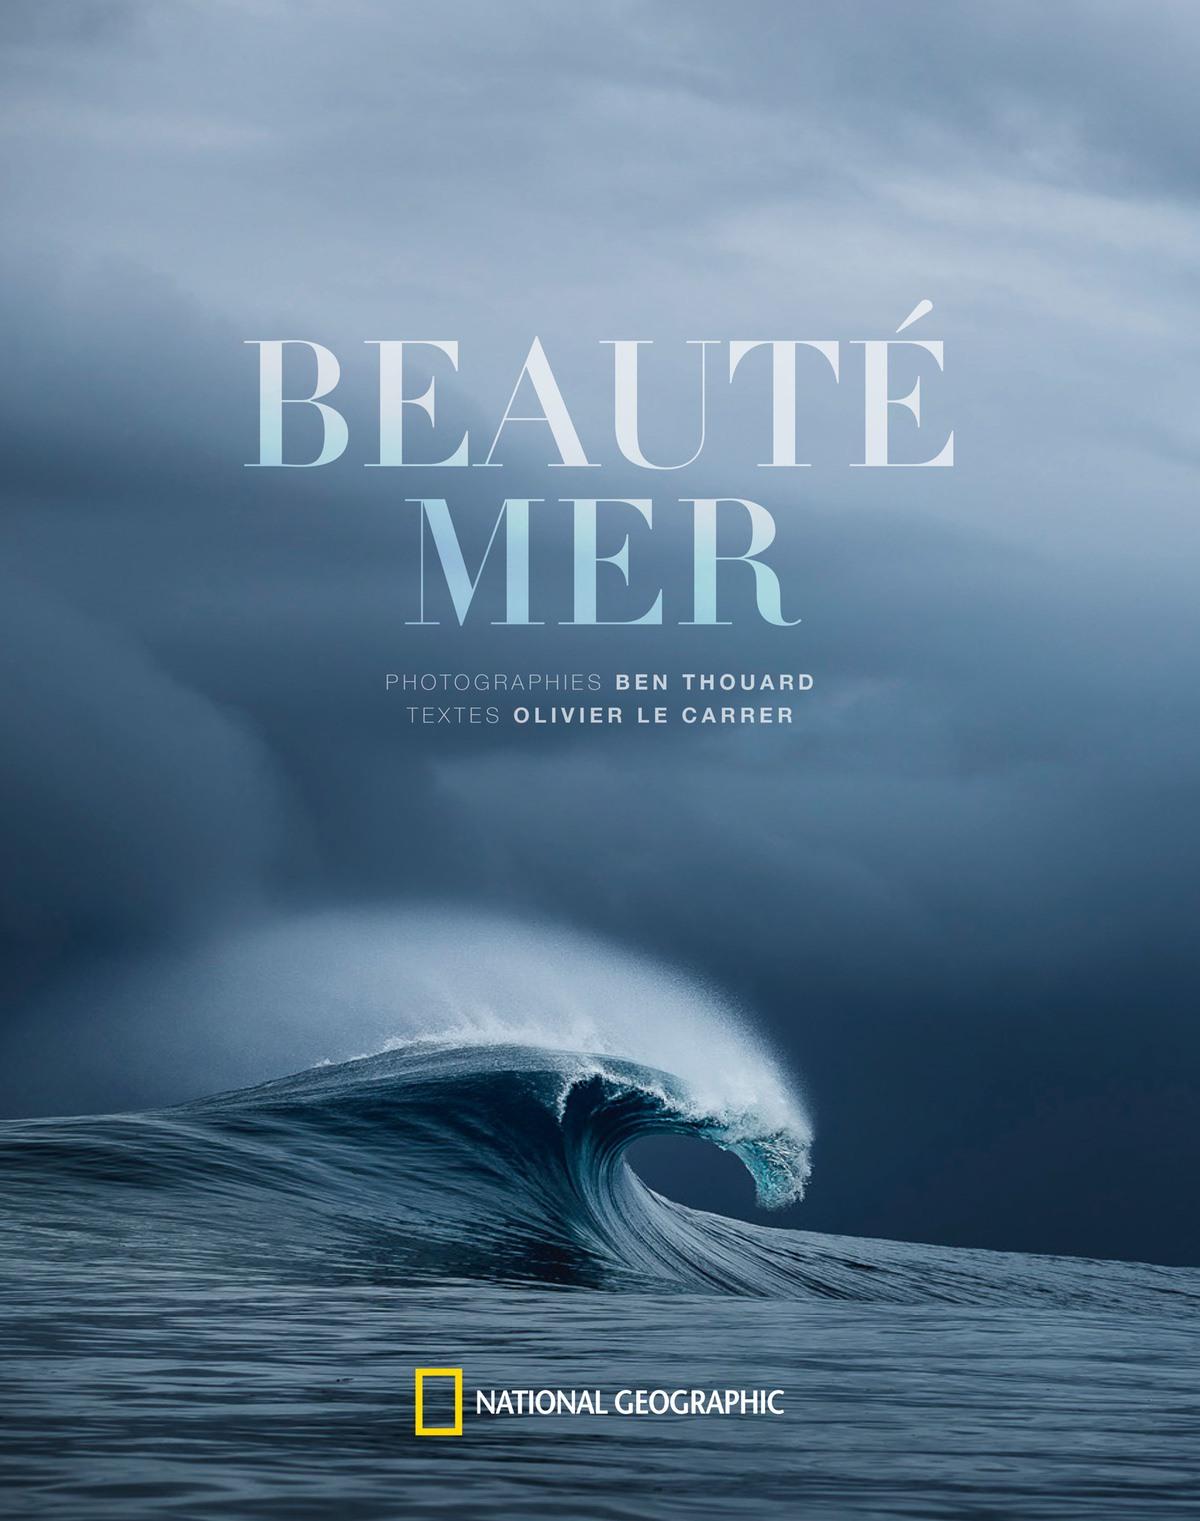 Beauté Mer par Ben Thouard en librairie le 18/10/18